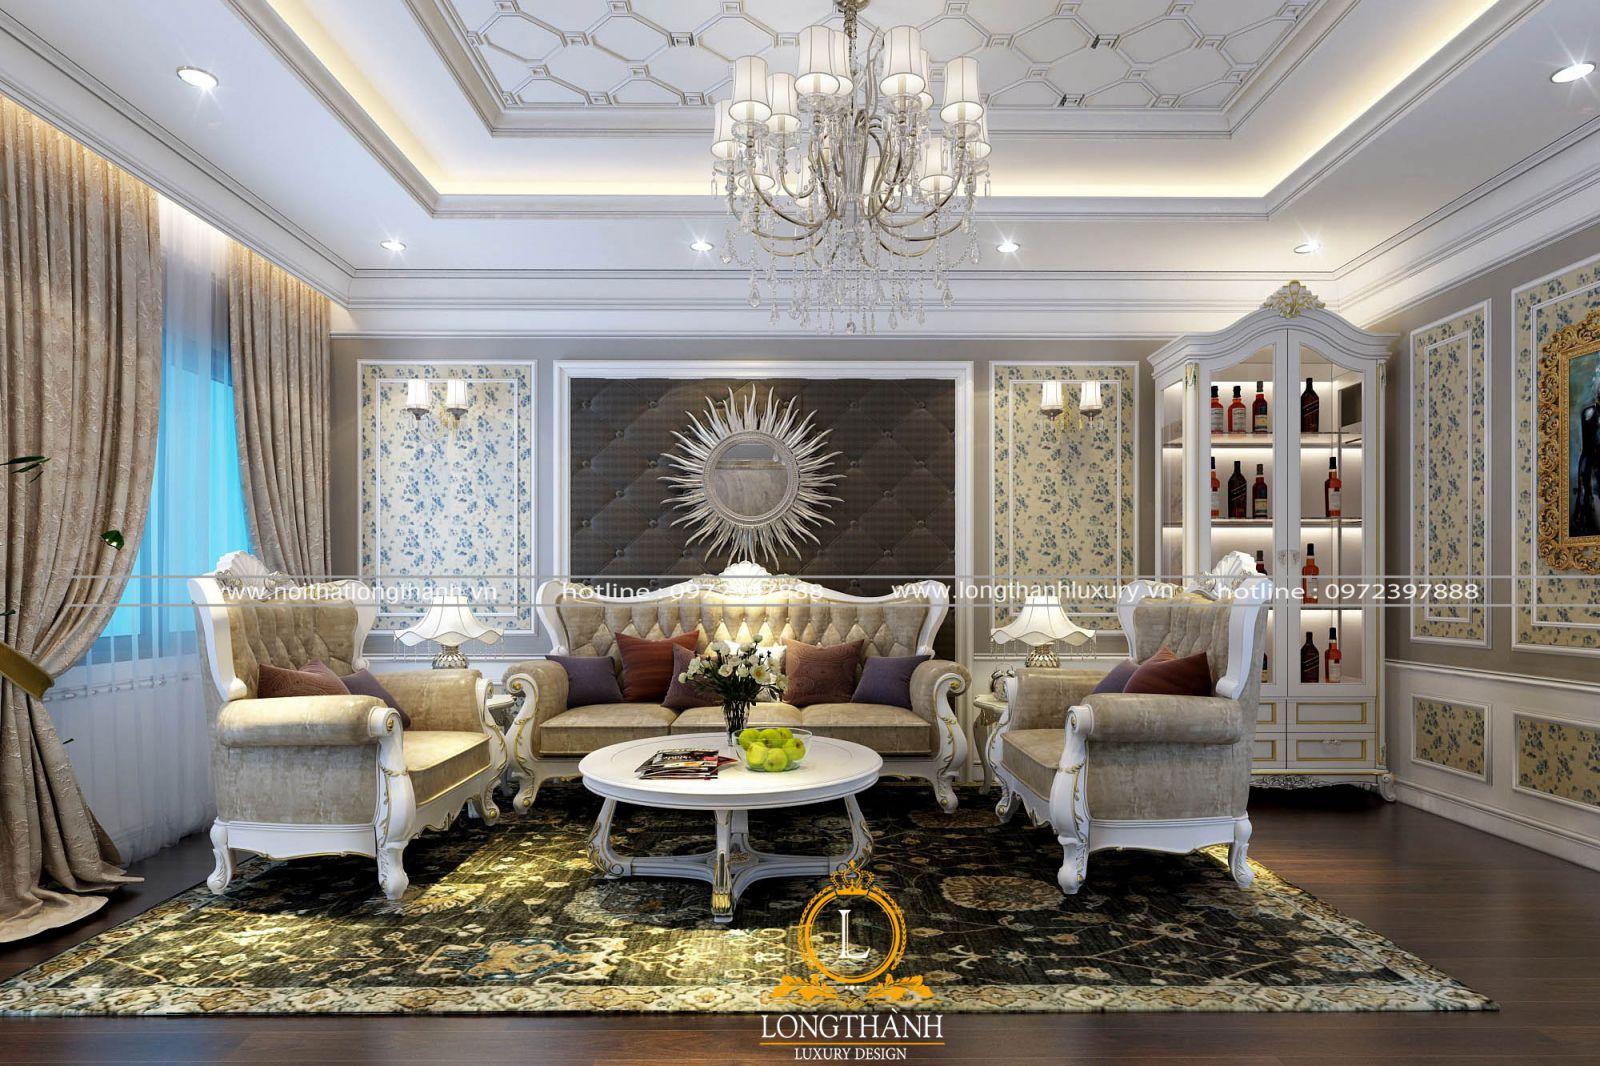 Bộ sofa nhung được thiết kế theo phong cách tân cổ điển nhẹ nhàng